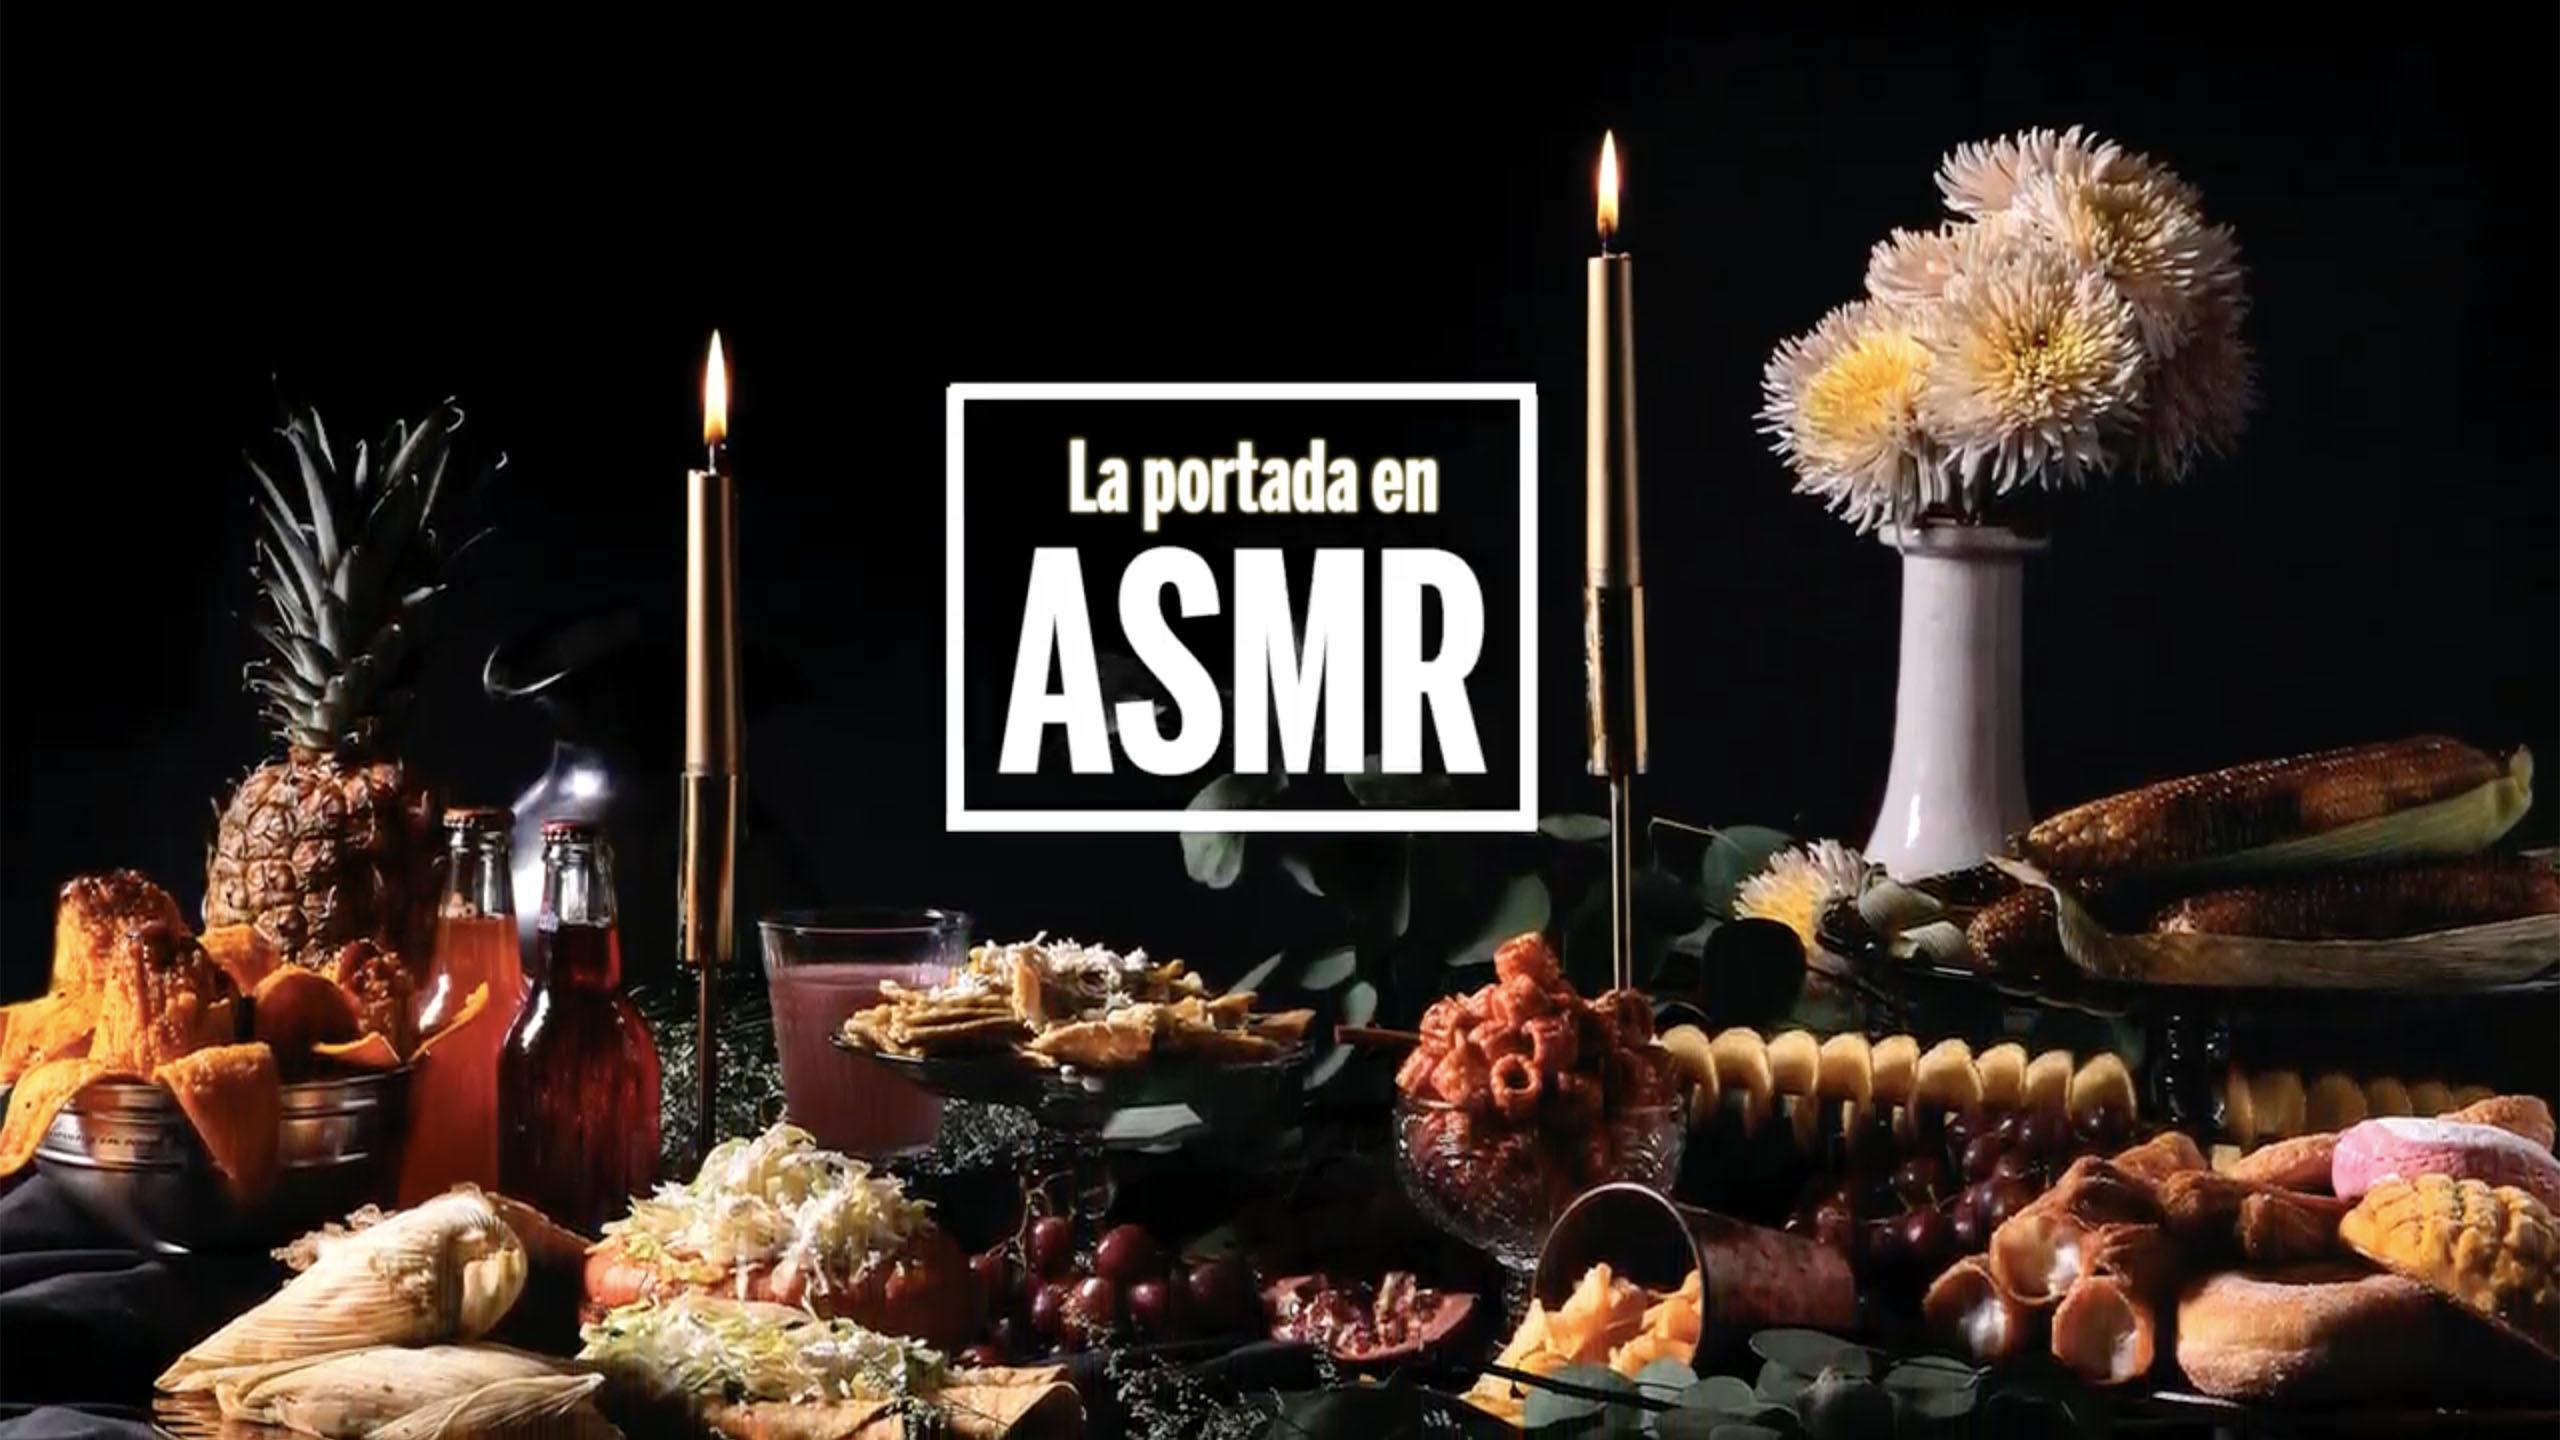 Recreamos la portada en formato ASMR